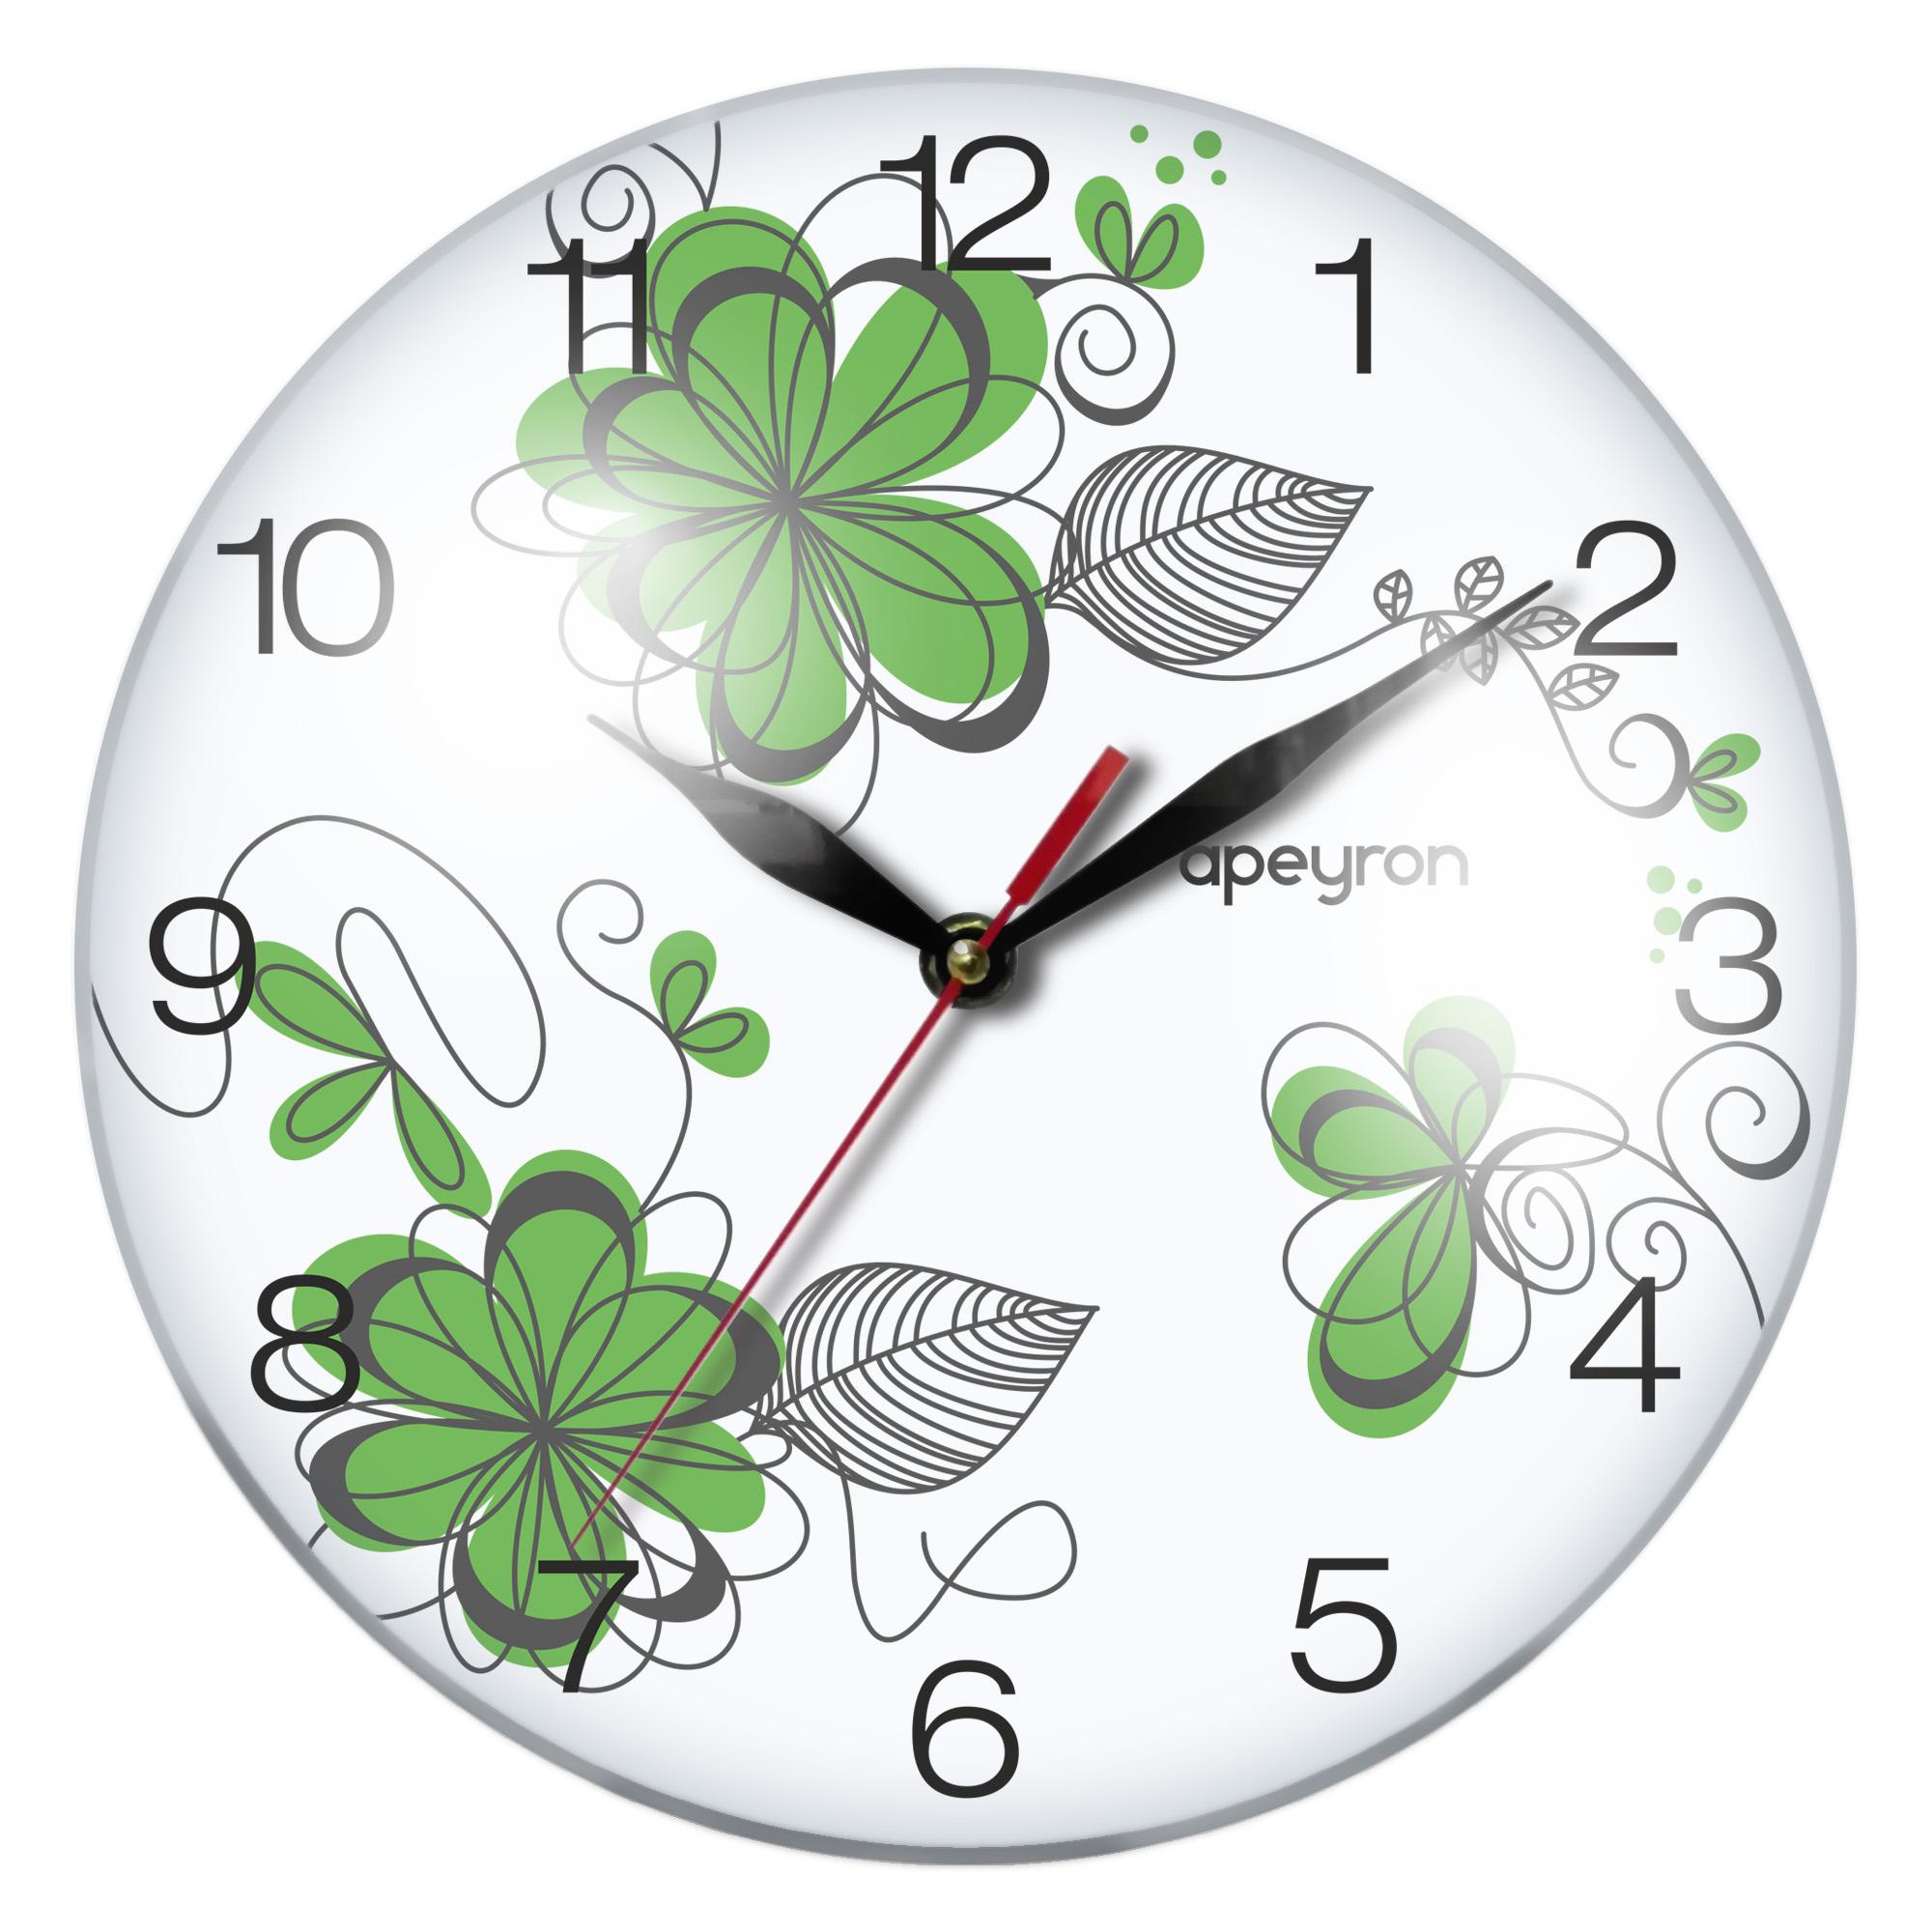 Часы настенные Apeyron Pl 1701 615